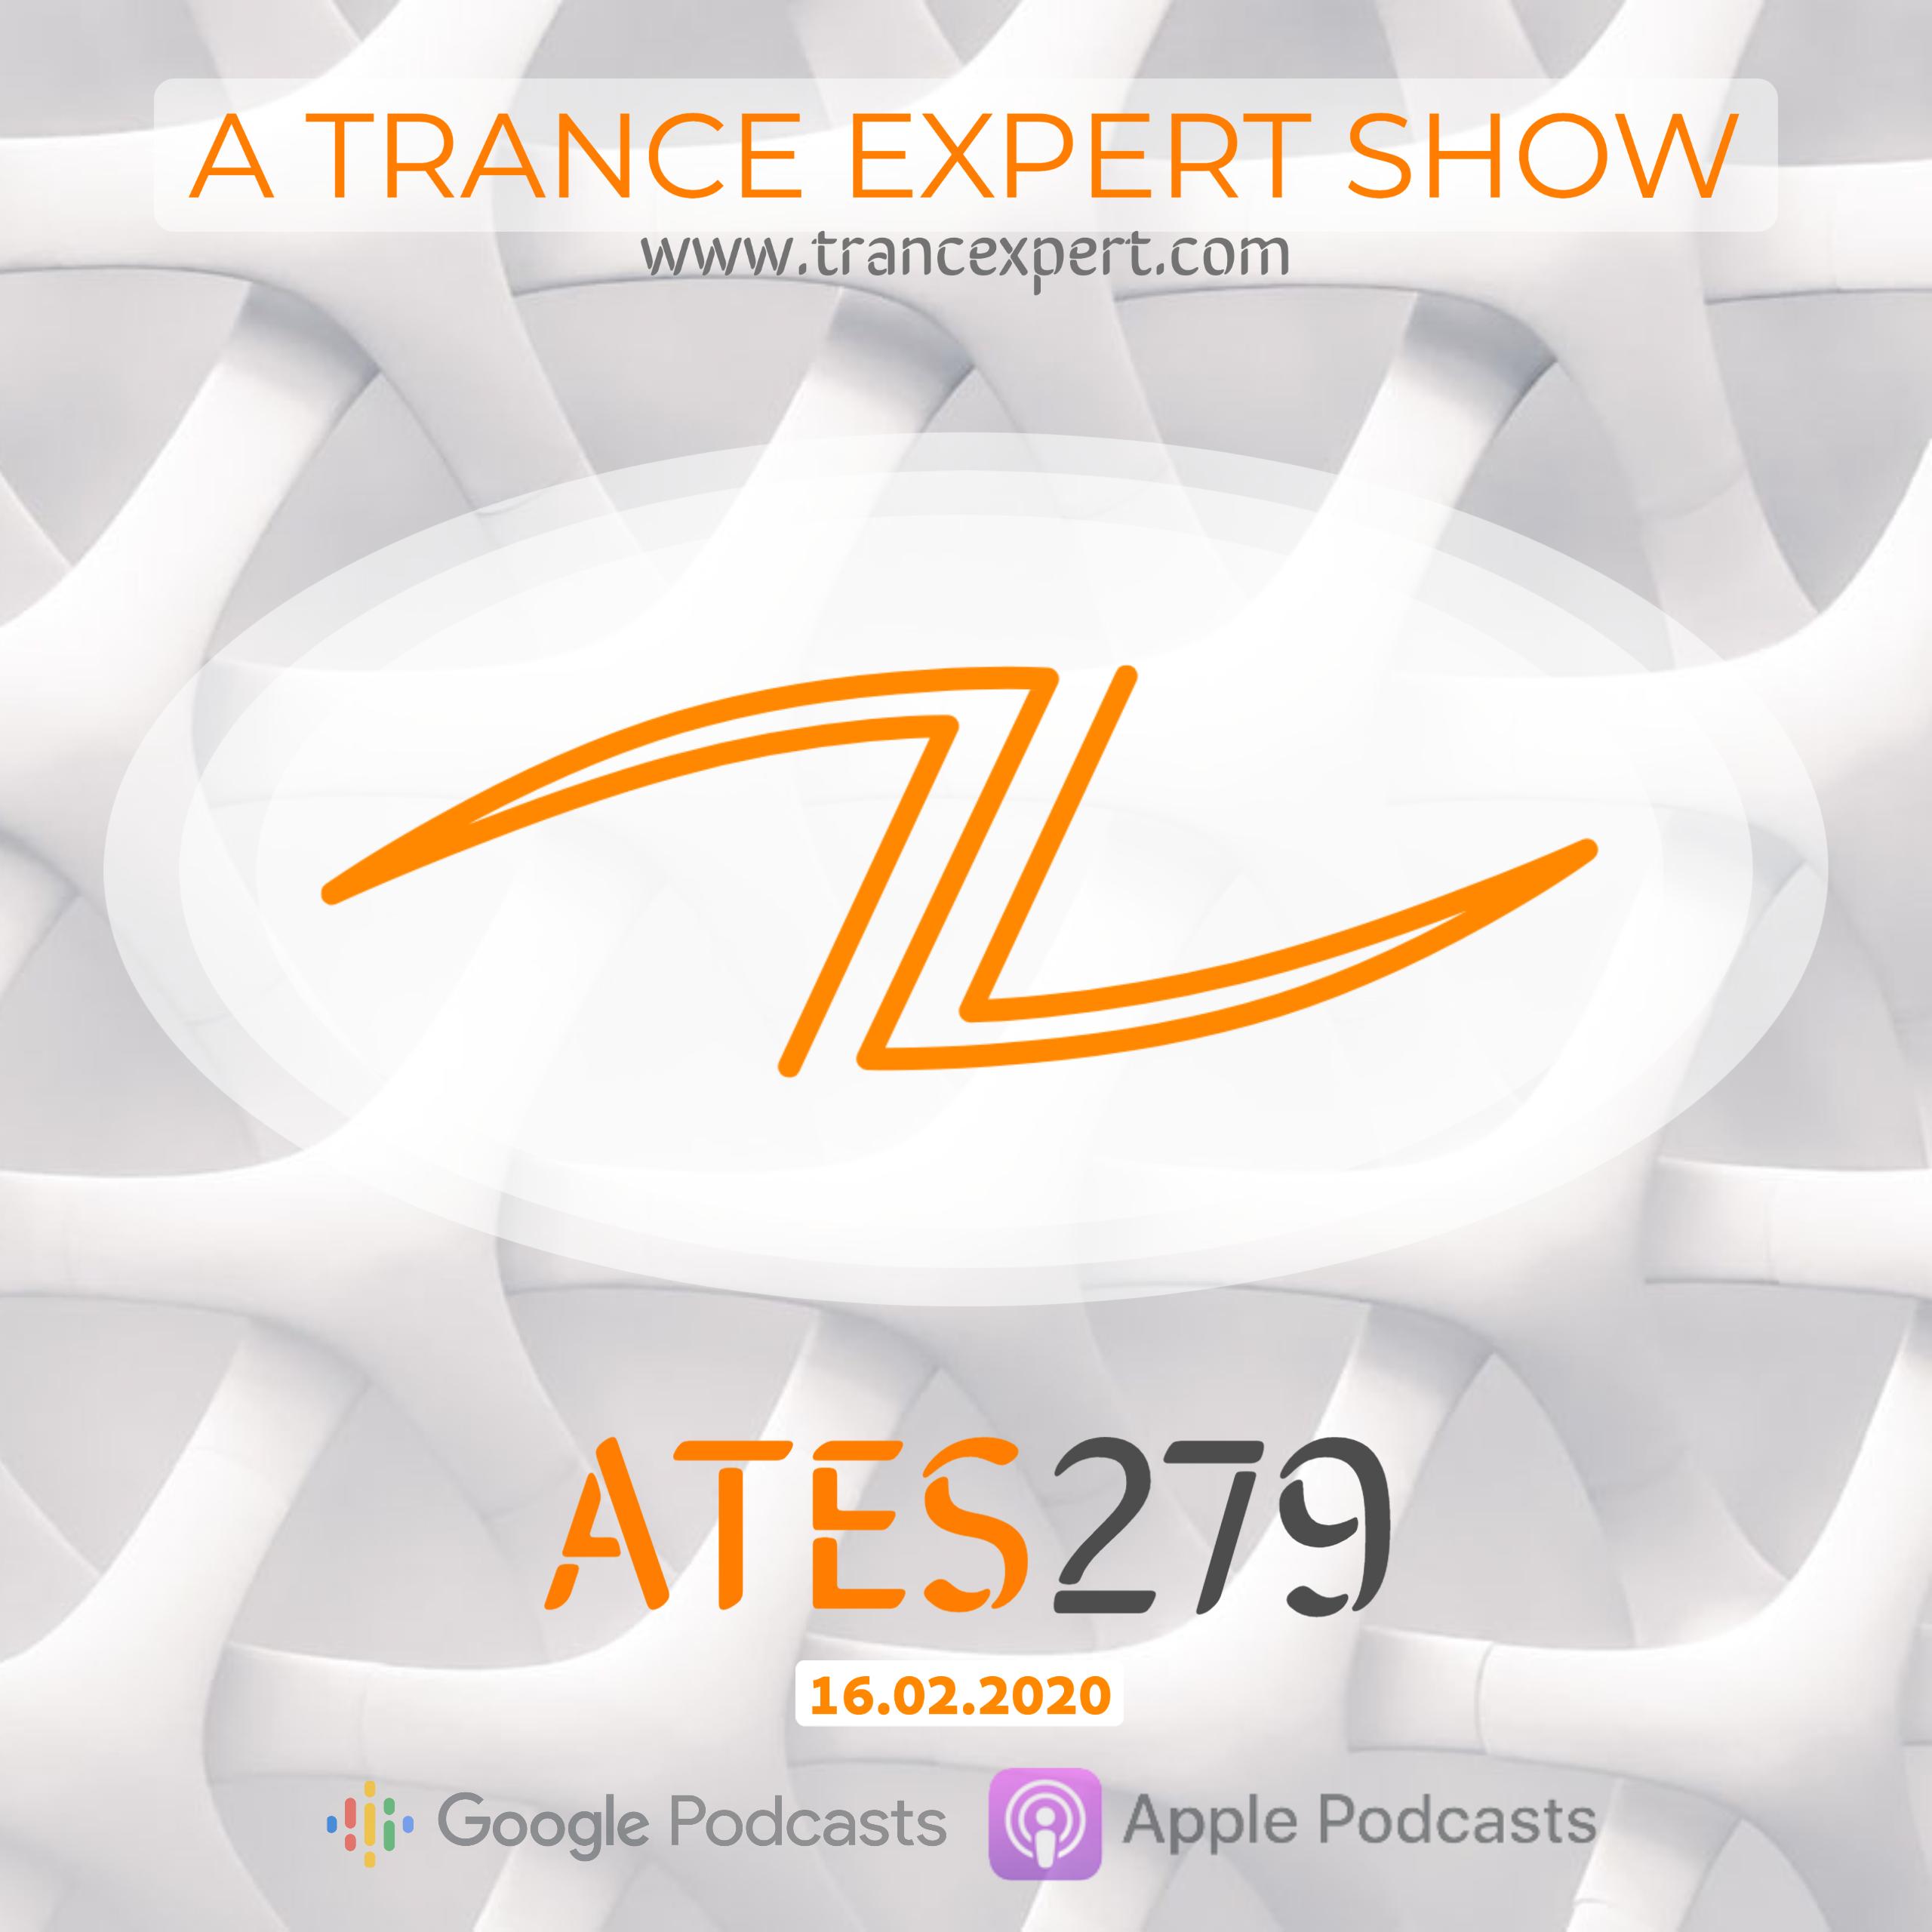 A Trance Expert Show #279